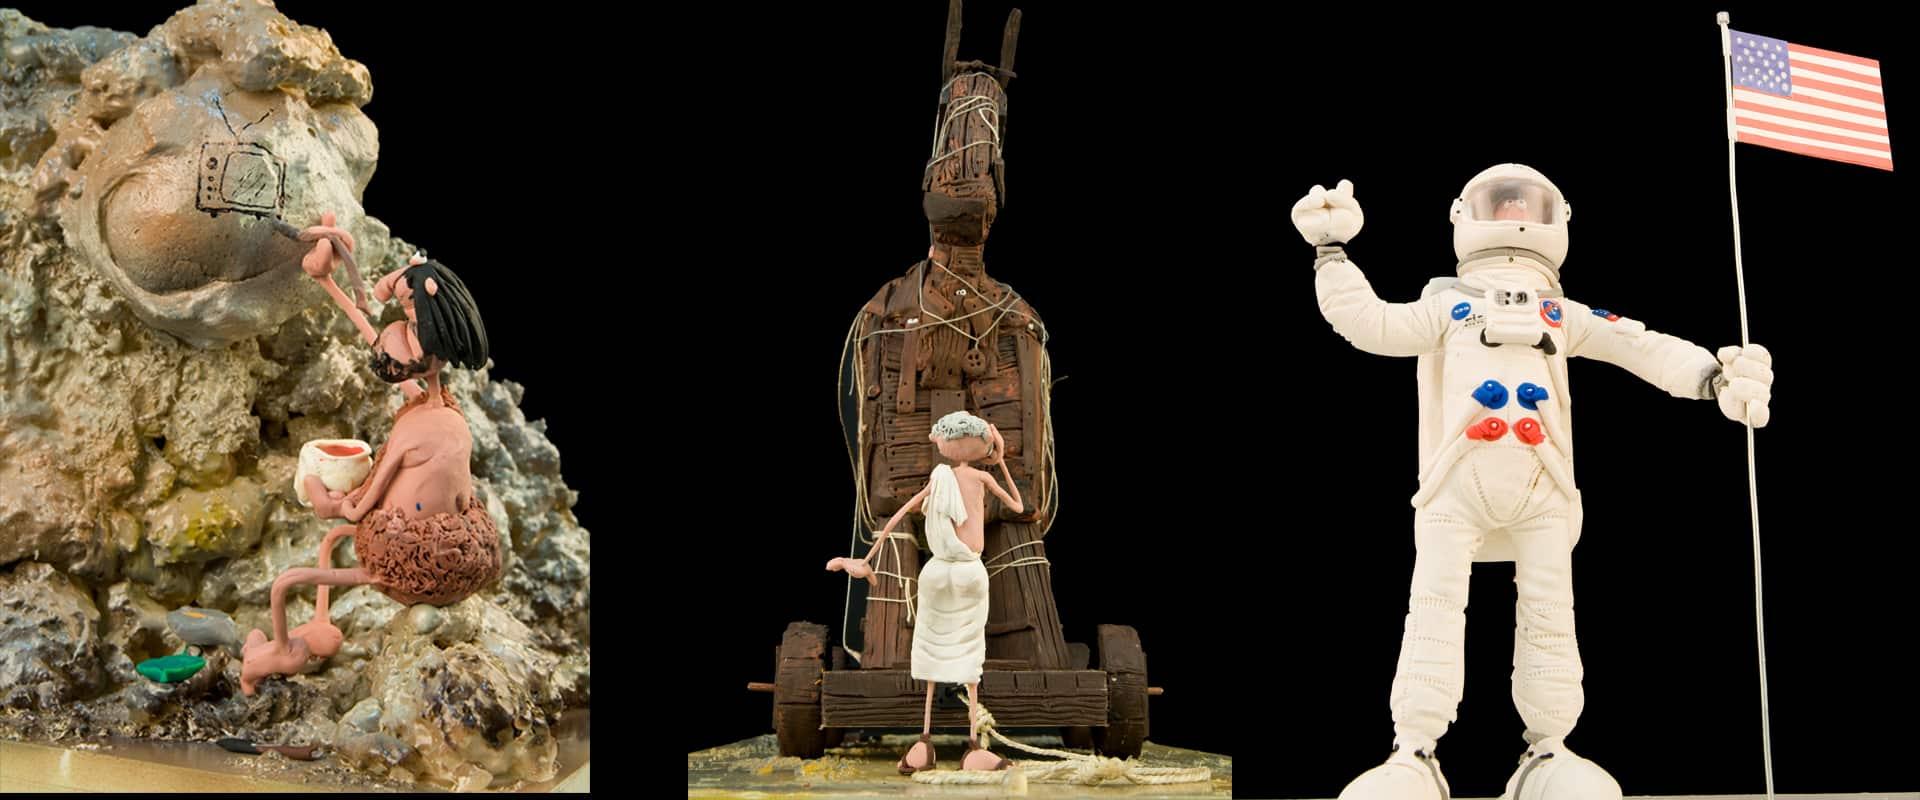 Exposición gratuita de la historia de la humanidad con figuras de plastilina